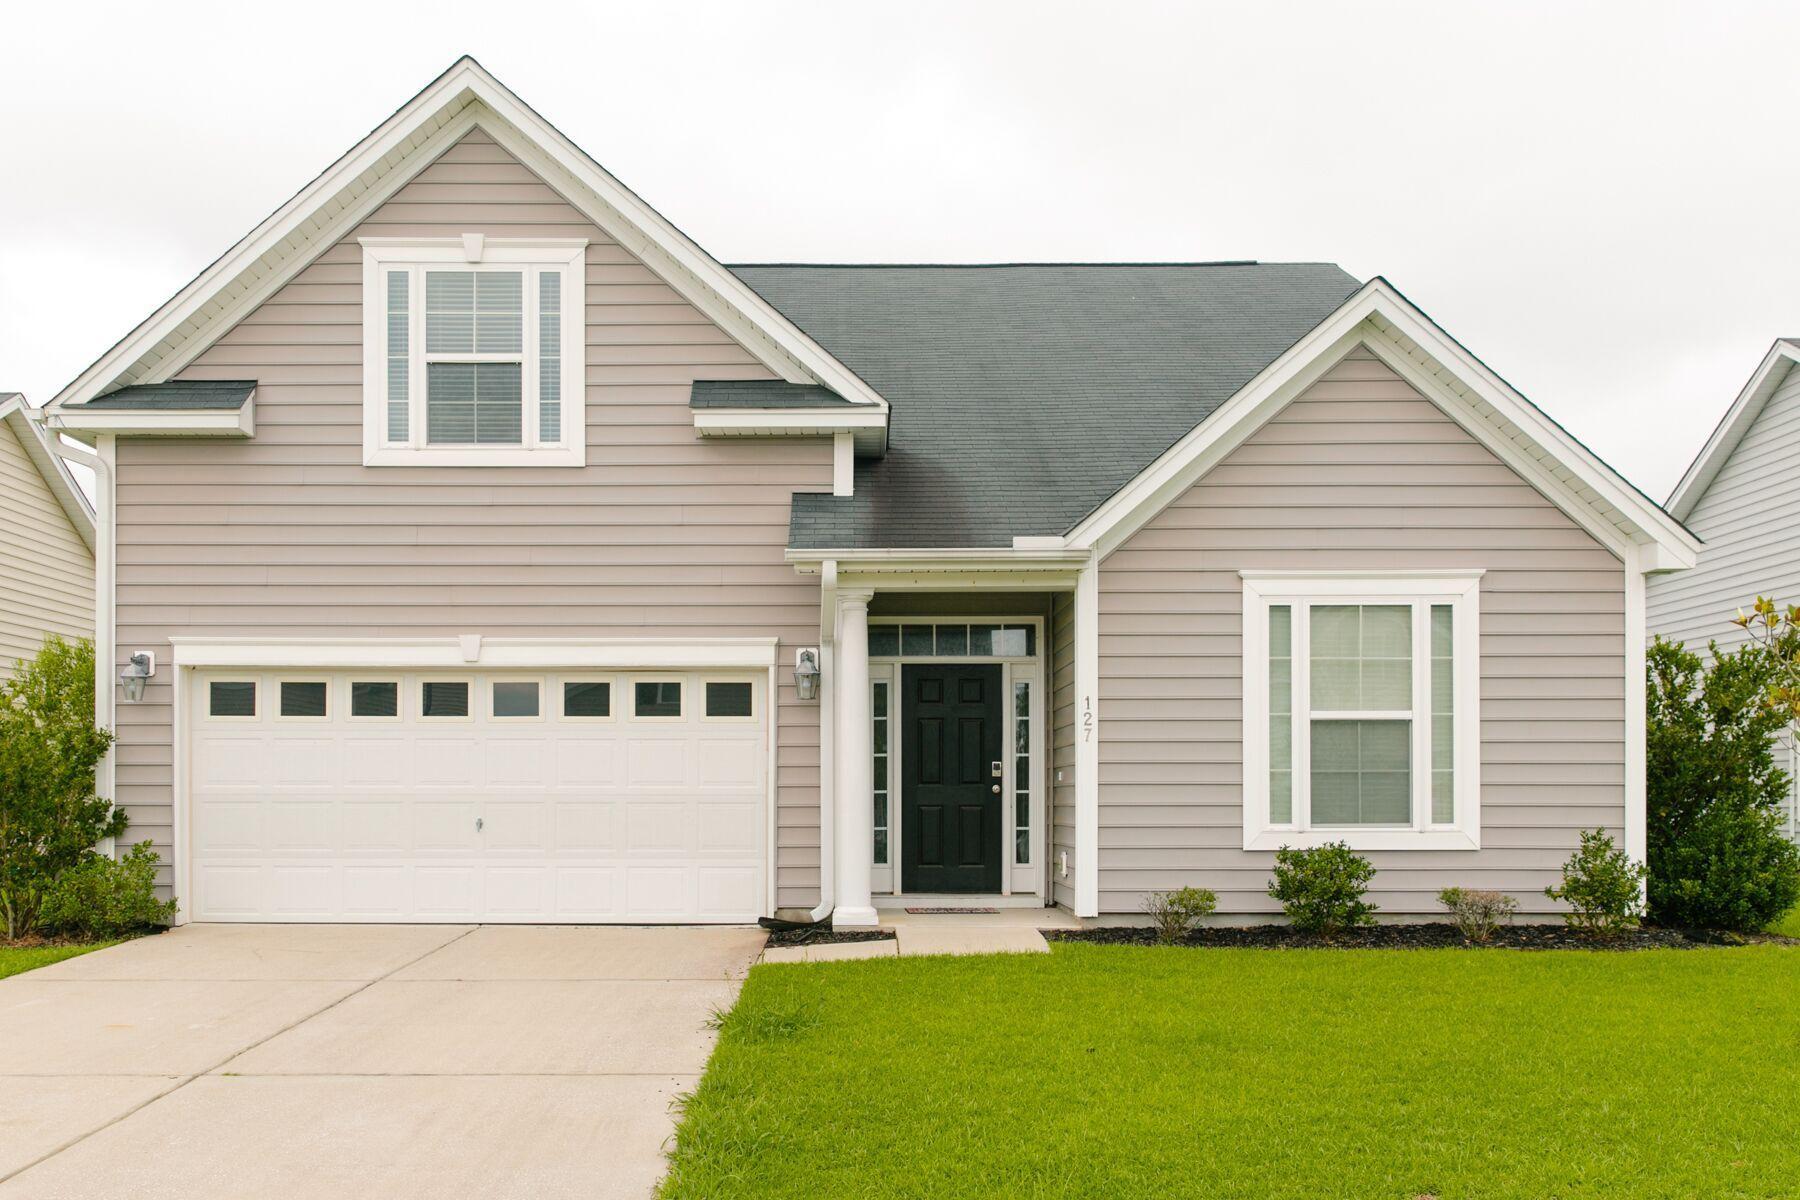 Royal Oaks Homes For Sale - 127 Satur, Goose Creek, SC - 13